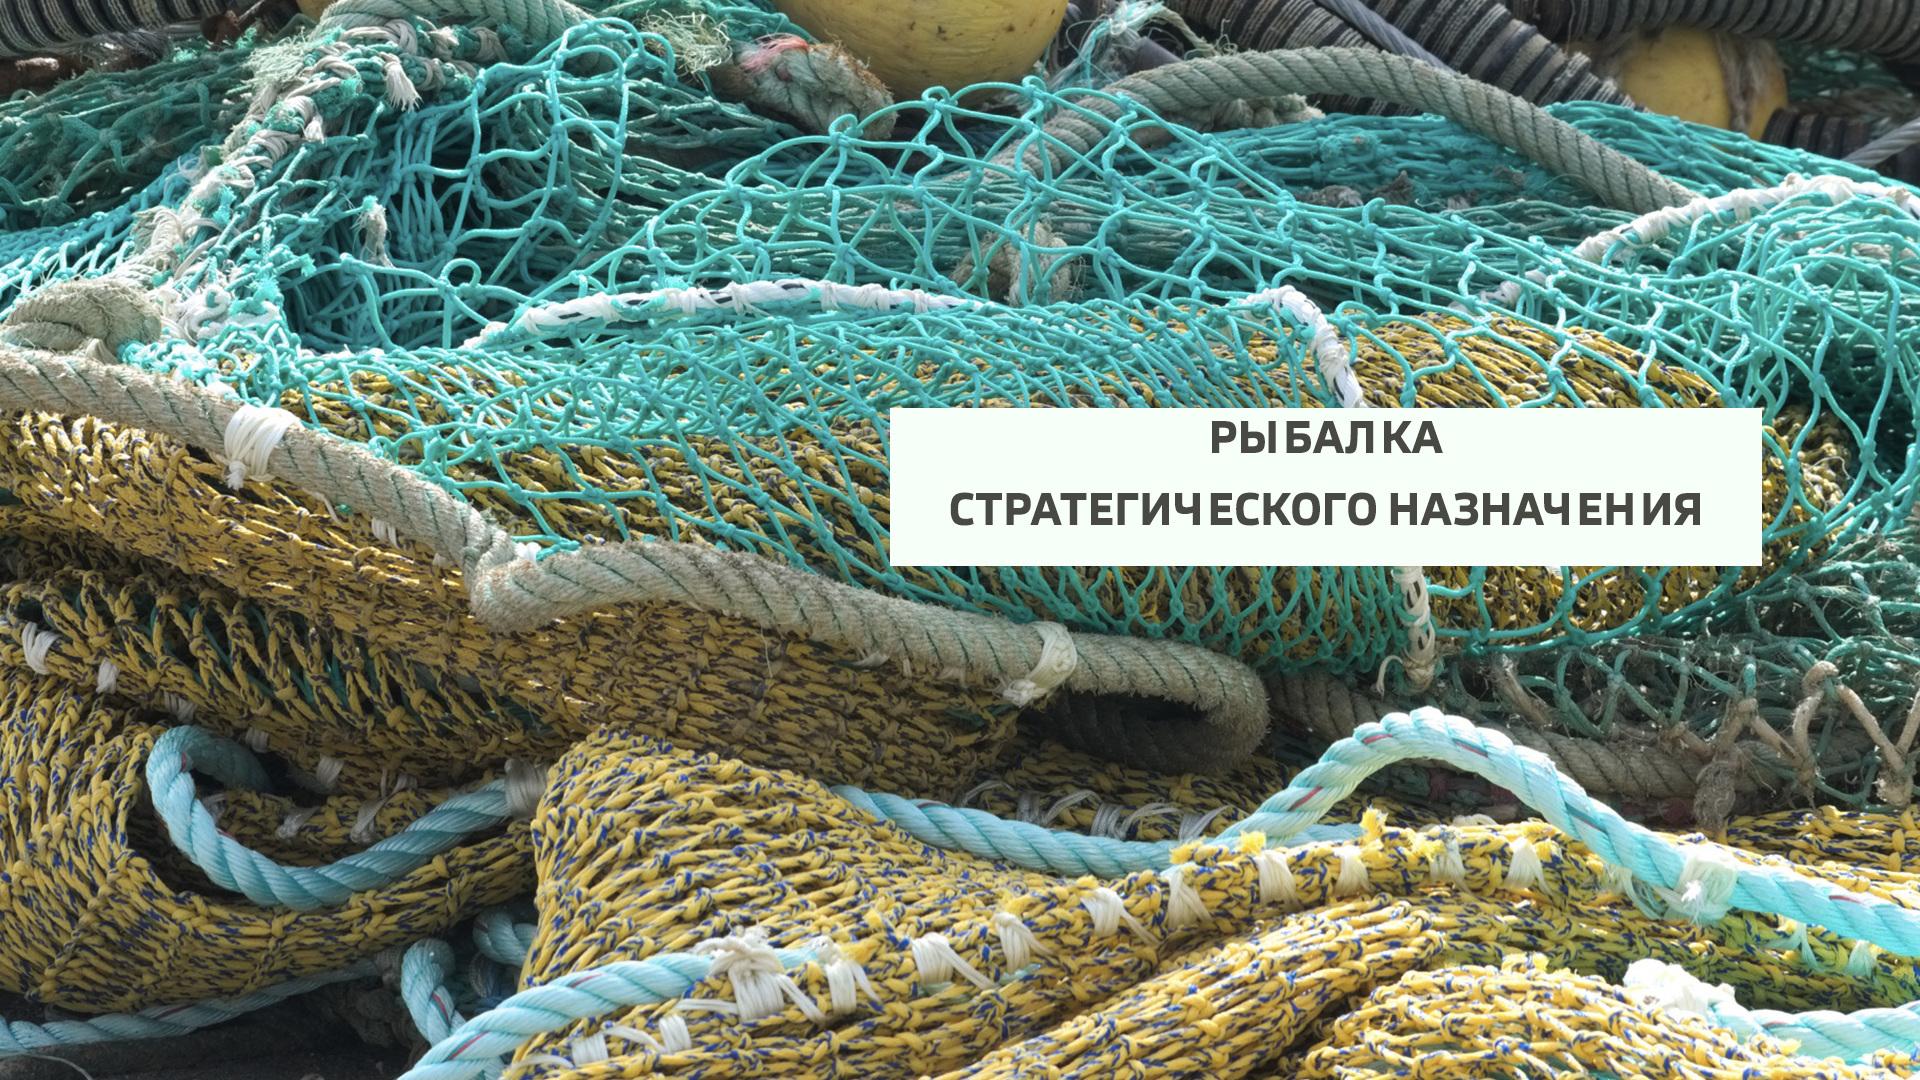 Рыбалка стратегического назначения